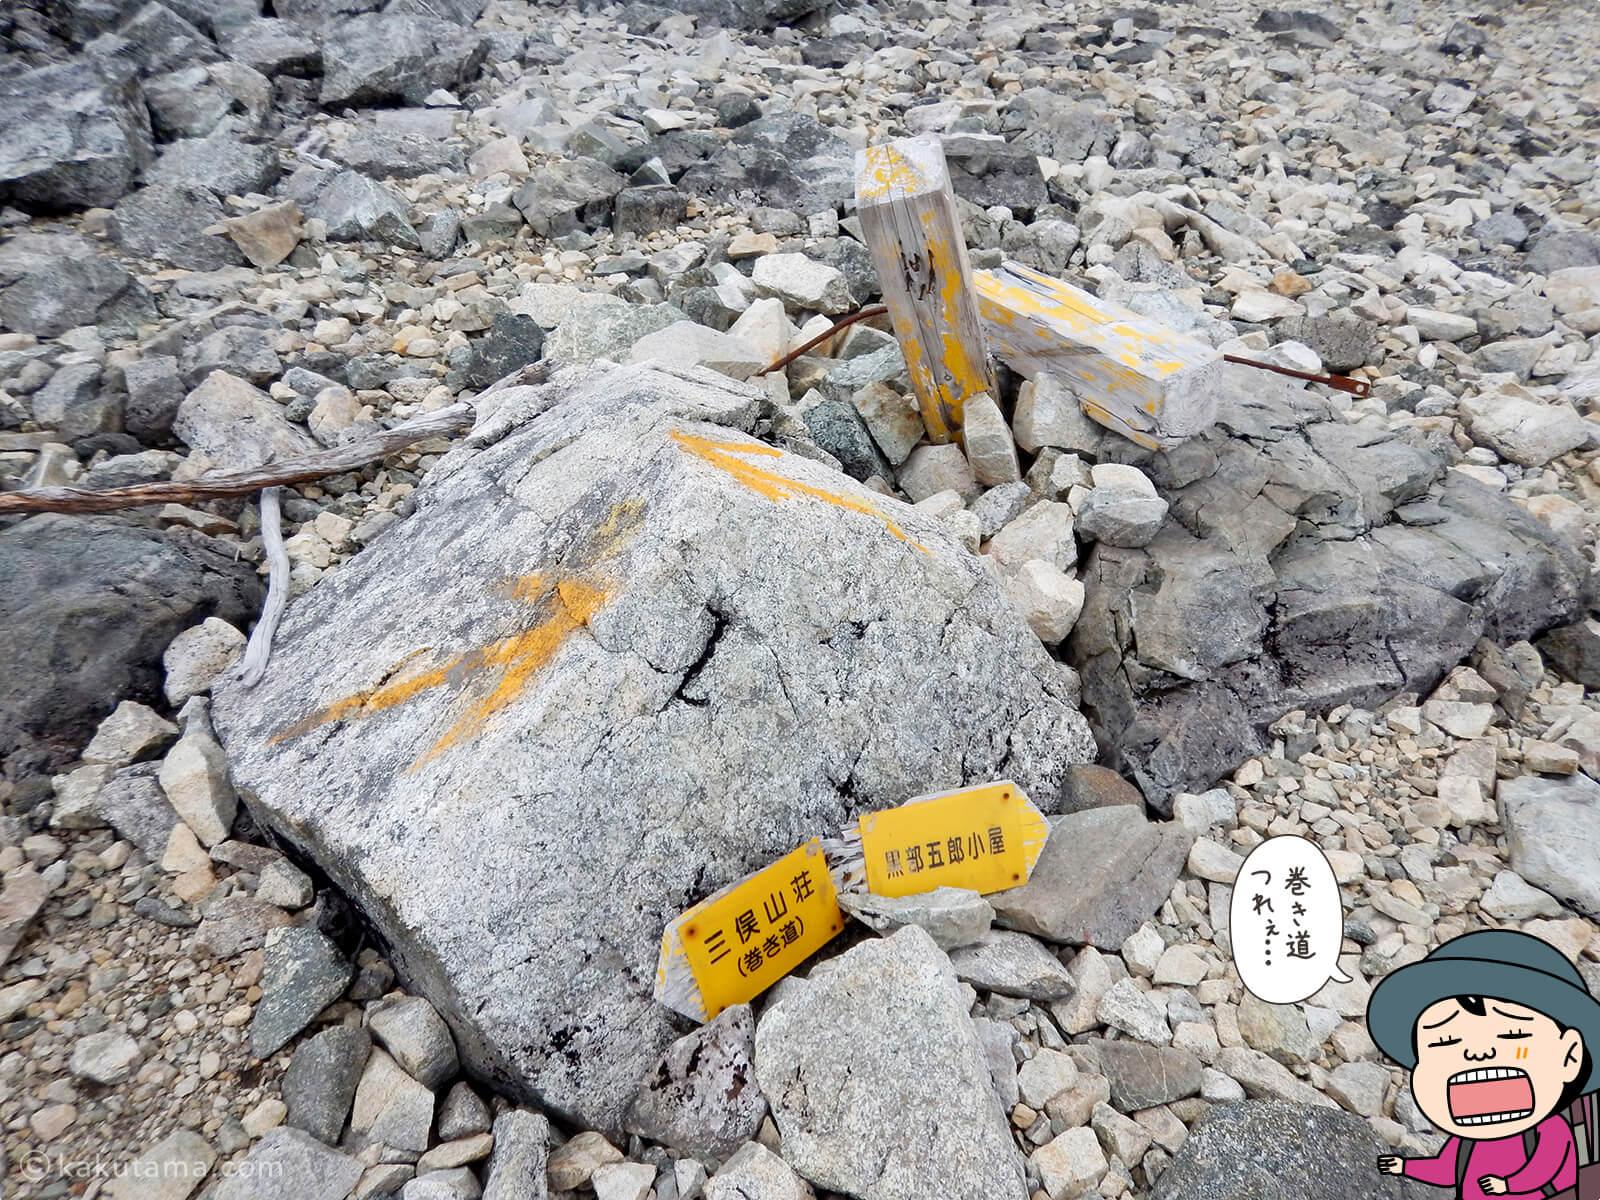 三俣山荘への道標